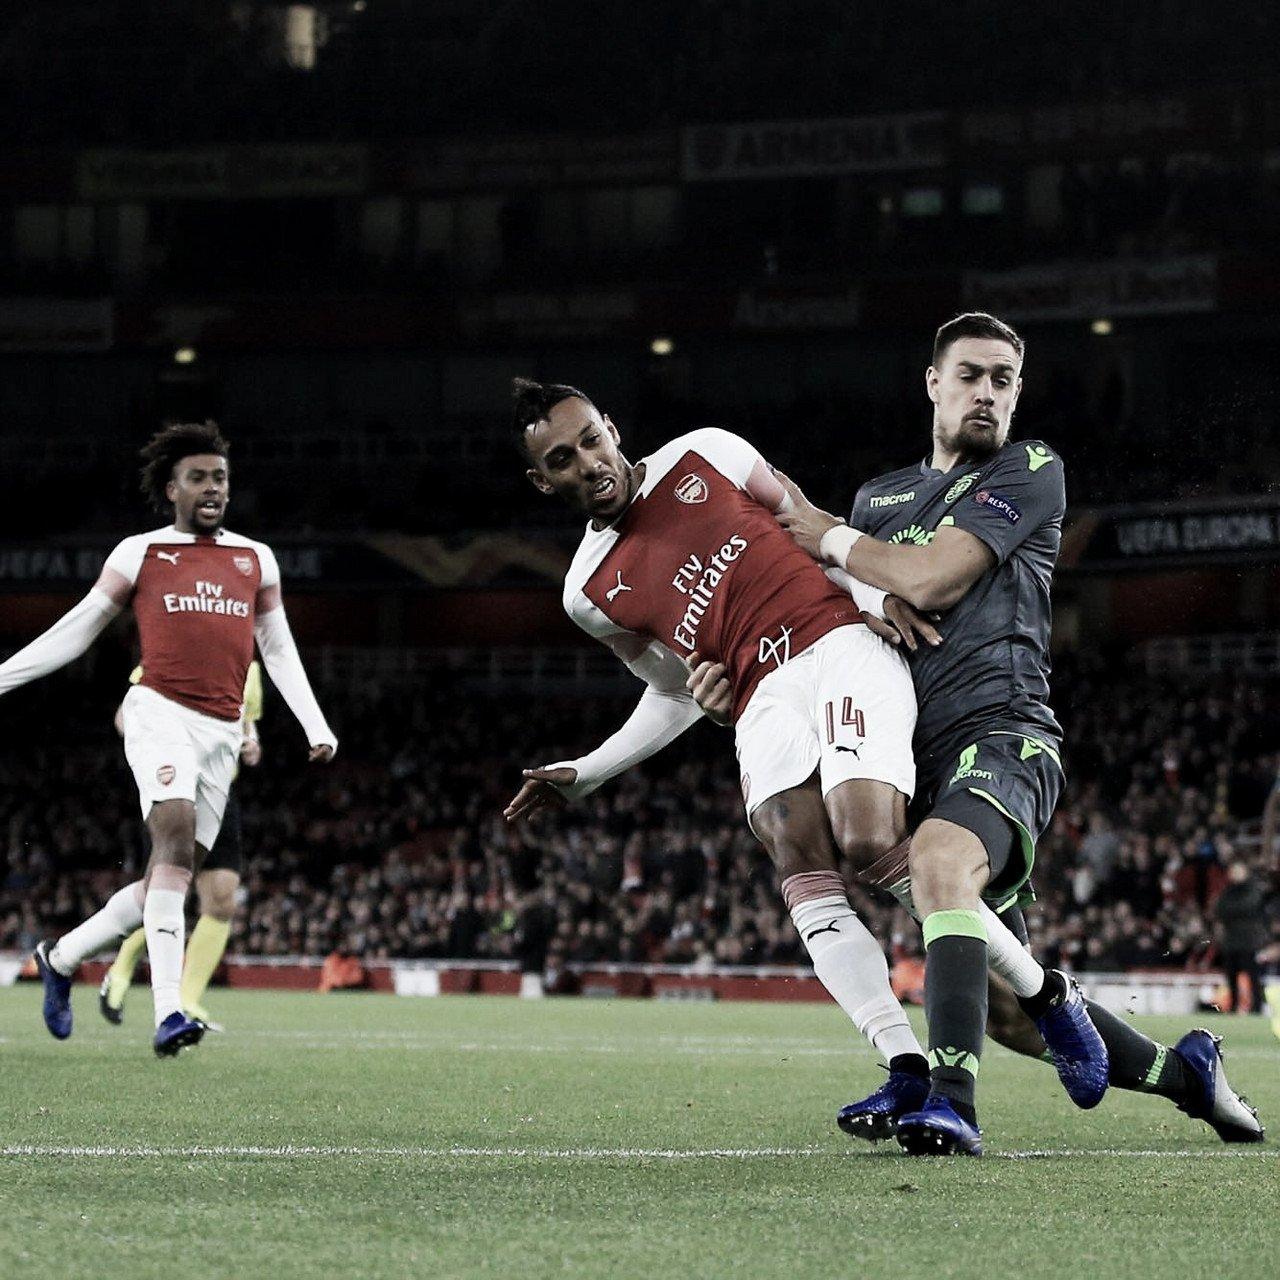 Com poucas emoções, Arsenal e Sporting ficam no empate sem gols pela UEL